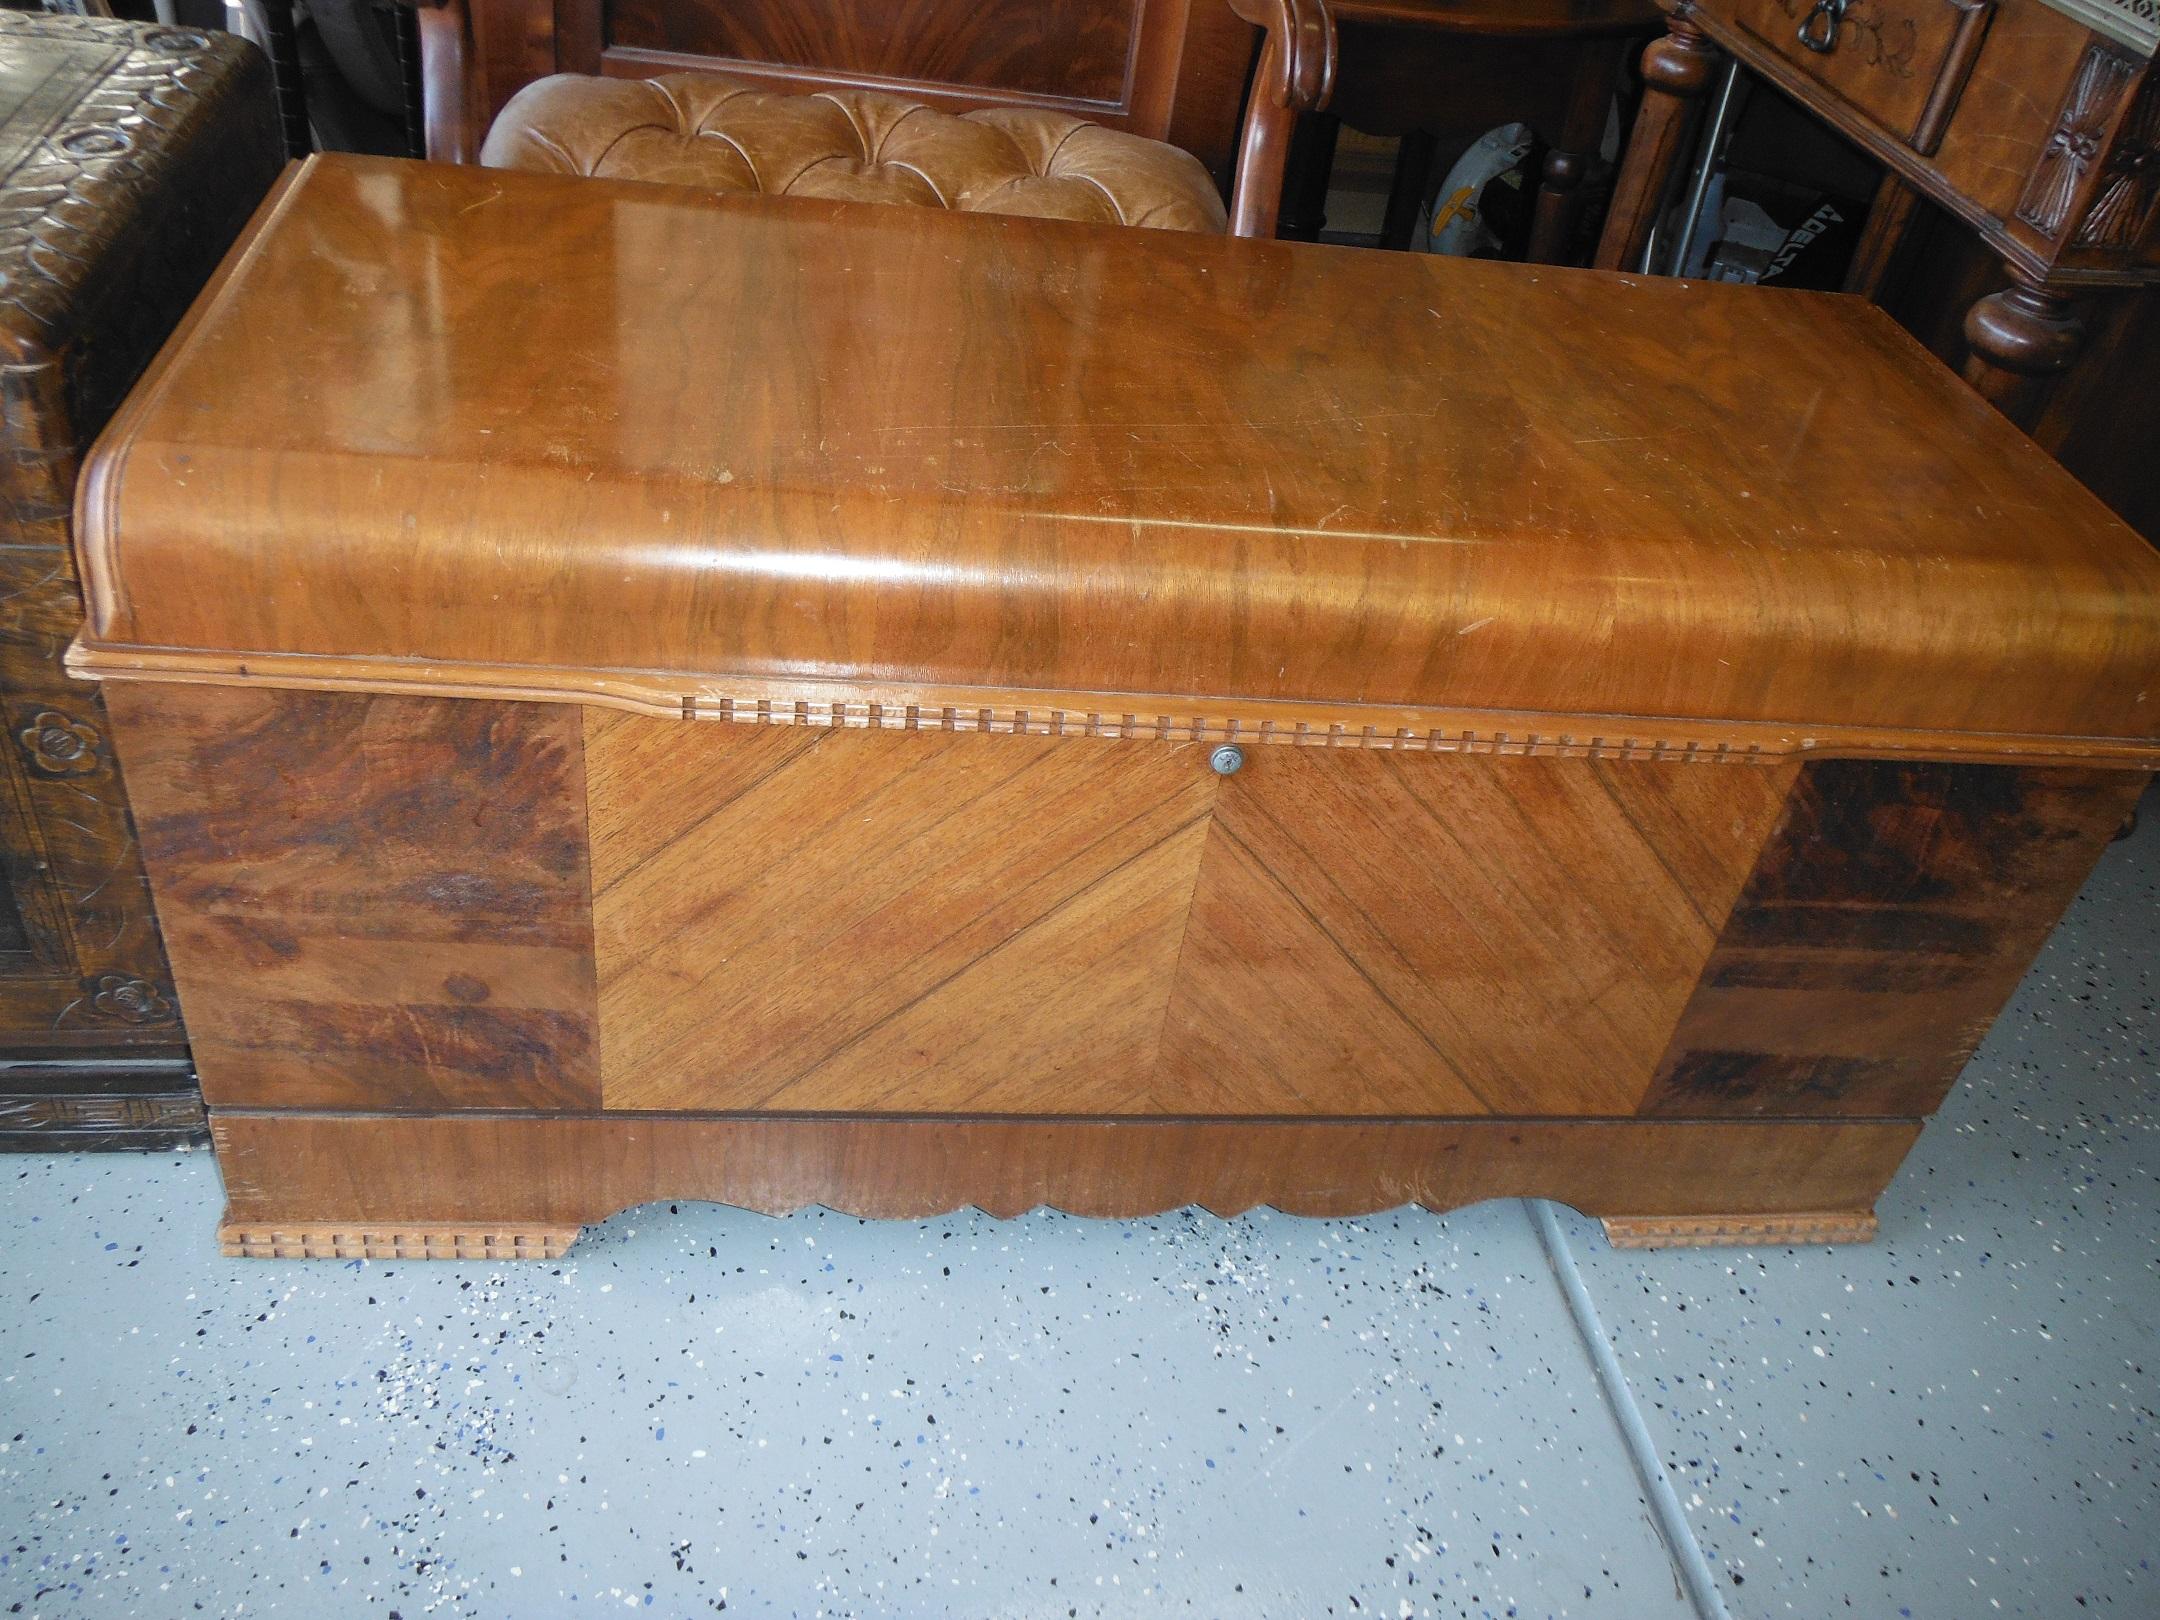 Lane Cedar Chest From 1943 Antique Appraisal Instappraisal